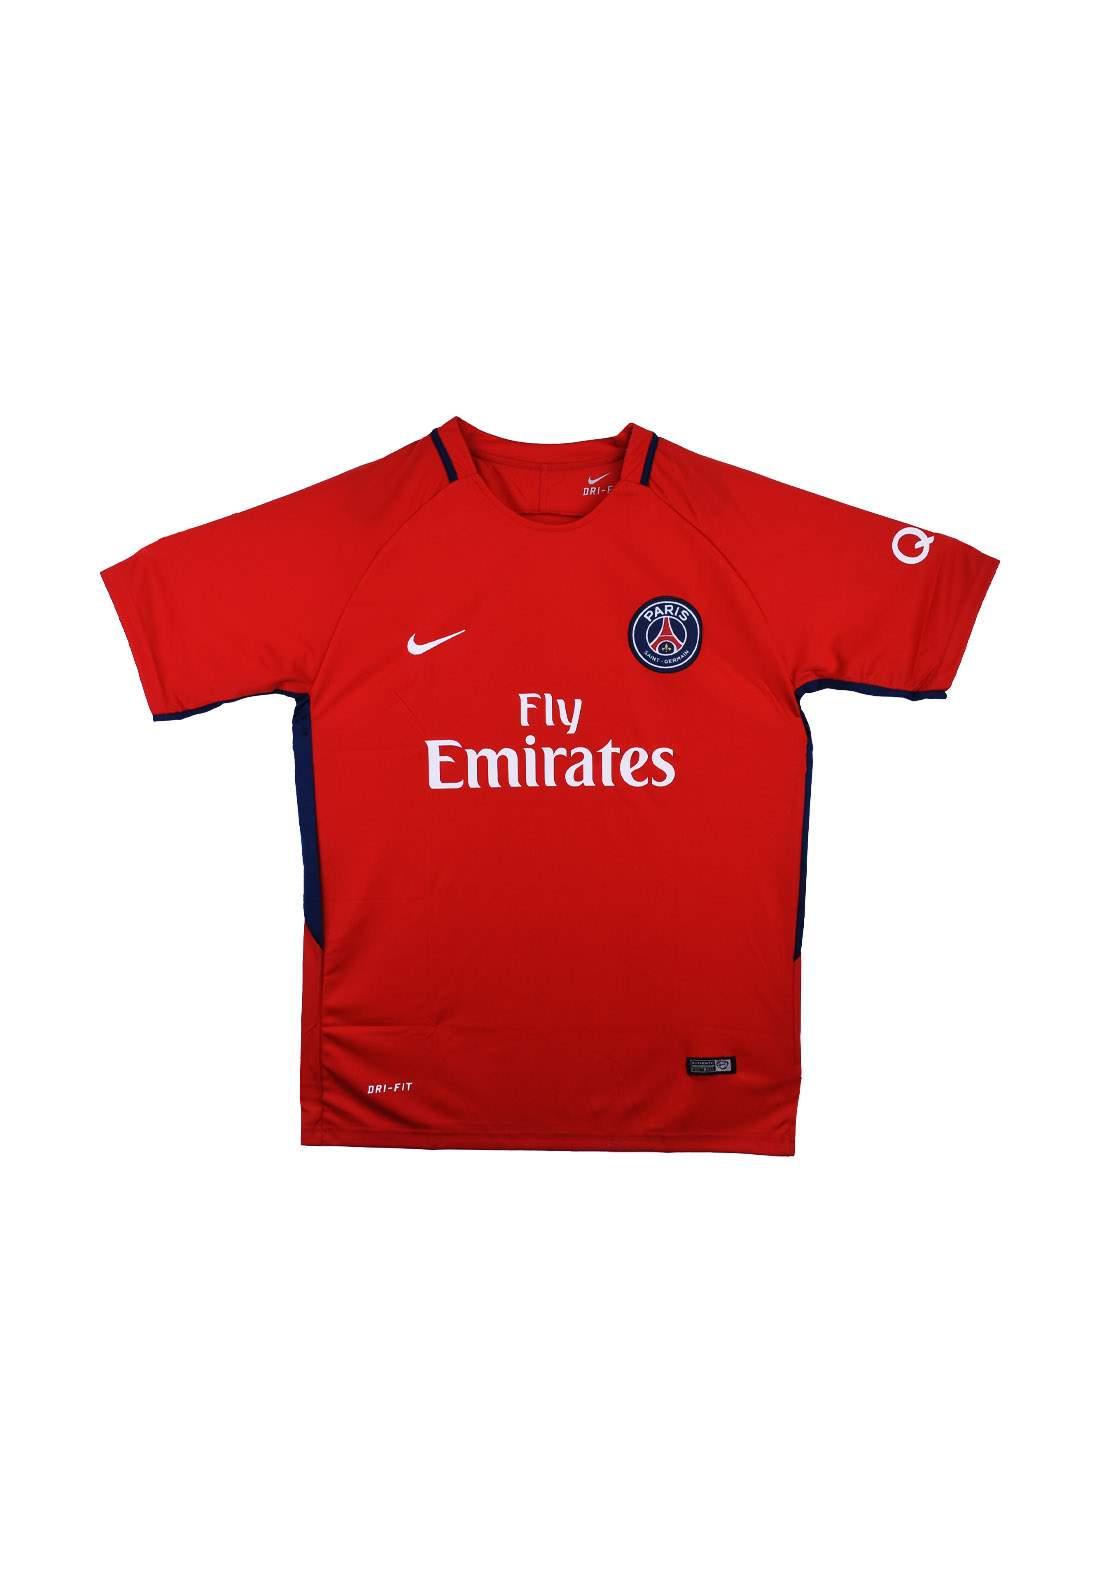 تيشيرت رياضي رجالي فريق باريس سان جيرمان احمر اللون